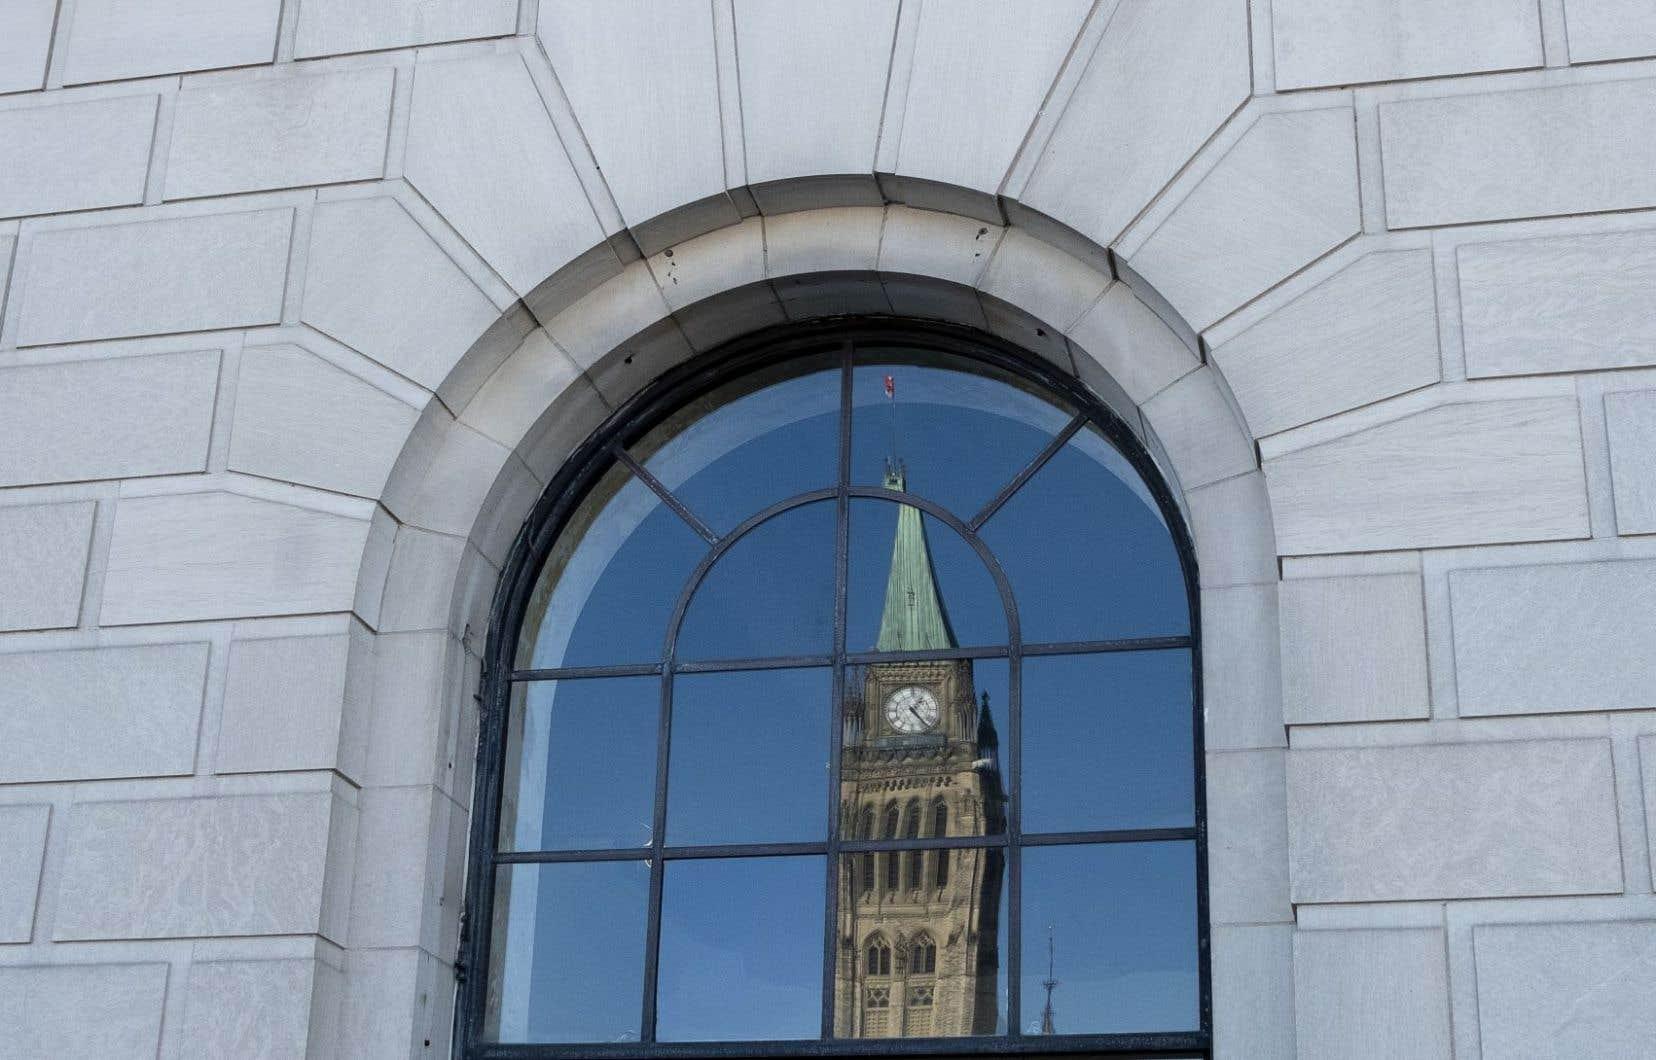 Pour l'élection fédérale d'octobre 2019, la plupart des partis représentés à la Chambre des communes s'engagent à faire des efforts pour avoir le plus de femmes candidates possible.